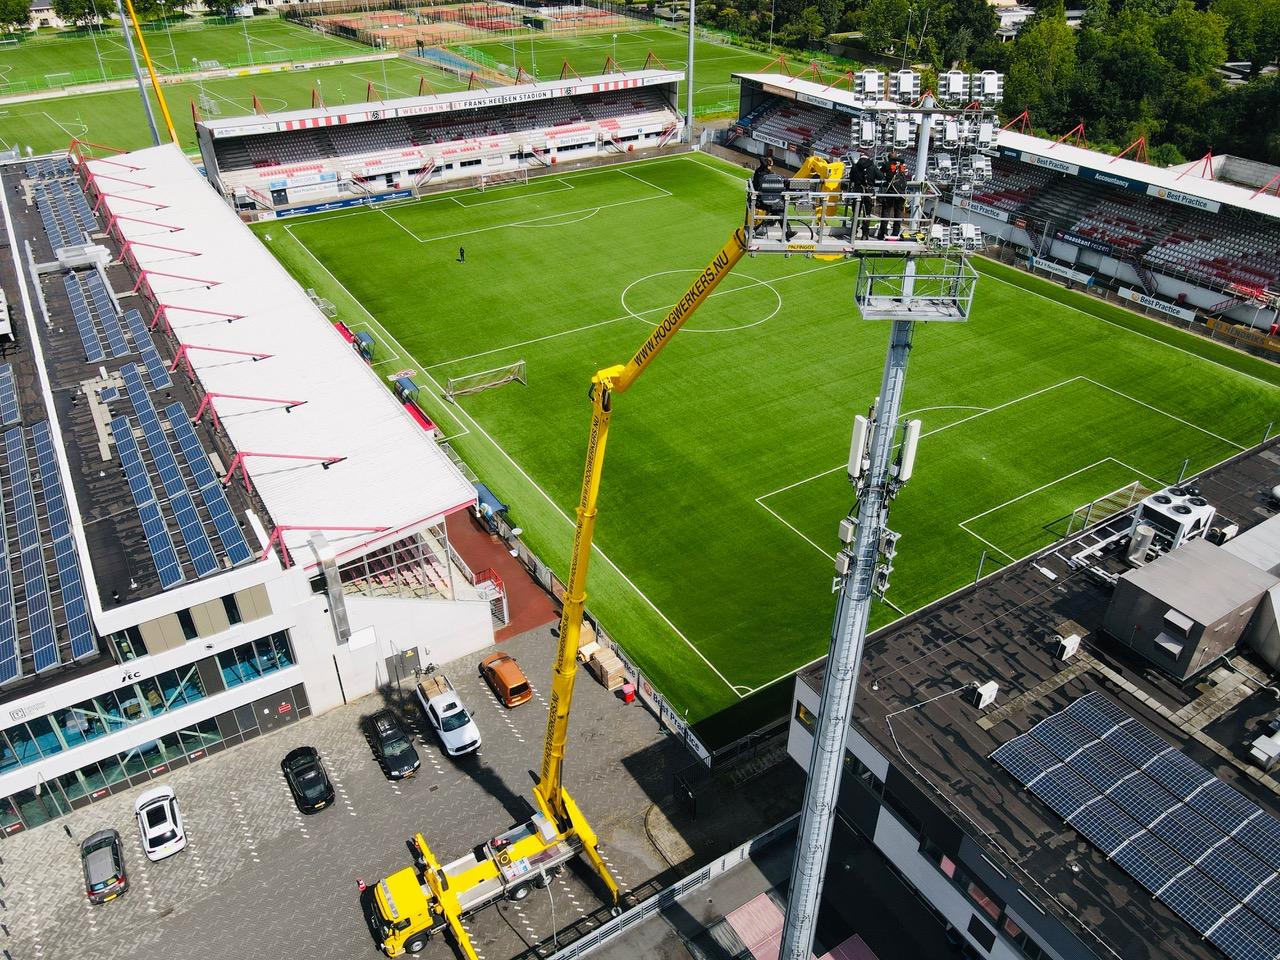 Stadion verlichting